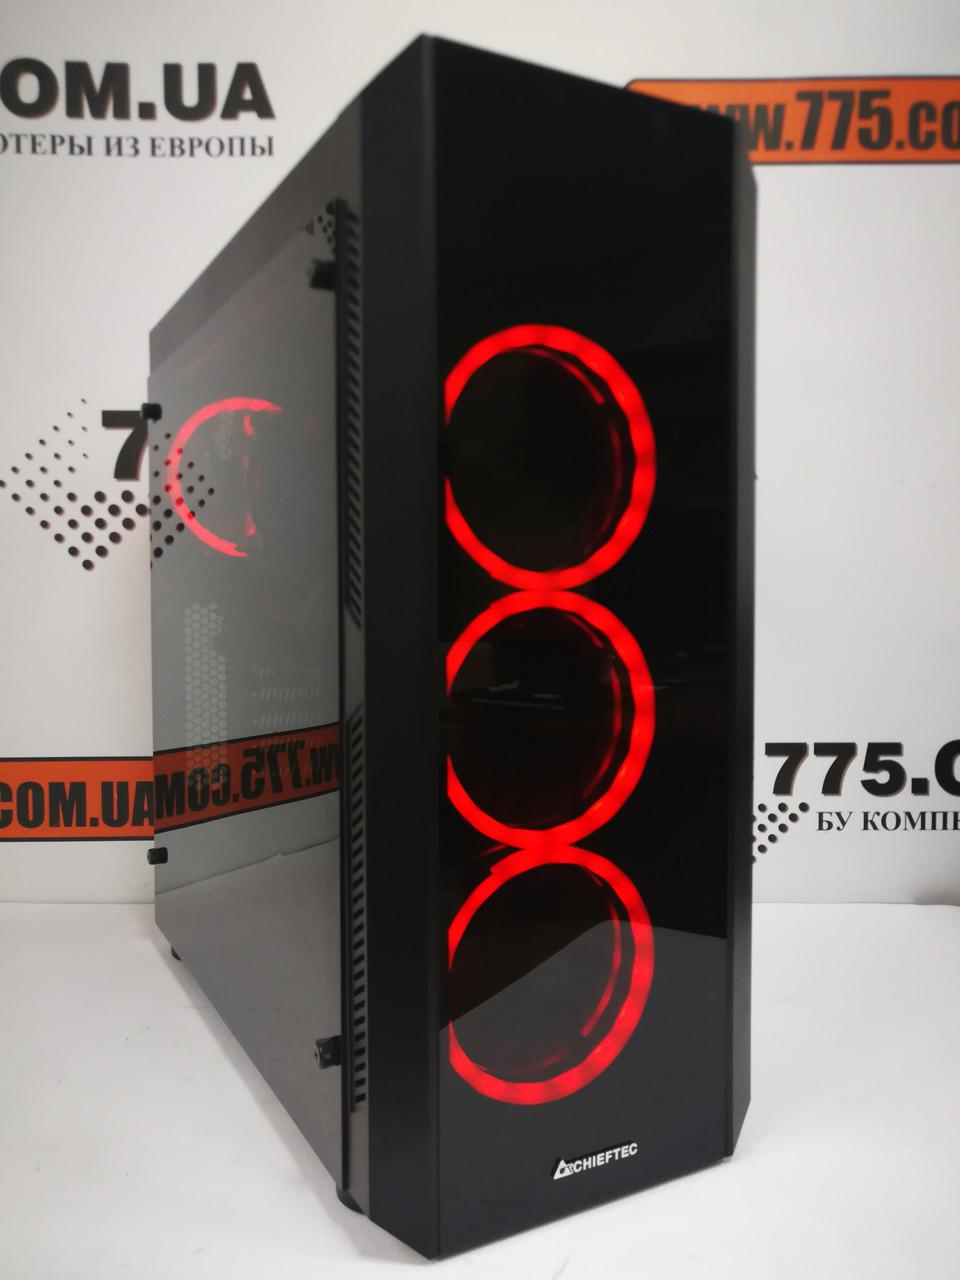 Игровой компьютер Scorpio II, Intel Core i7-4770 3.9GHz, RAM 16ГБ, SSD 240ГБ, HDD 1ТБ, GTX 1080 8ГБ